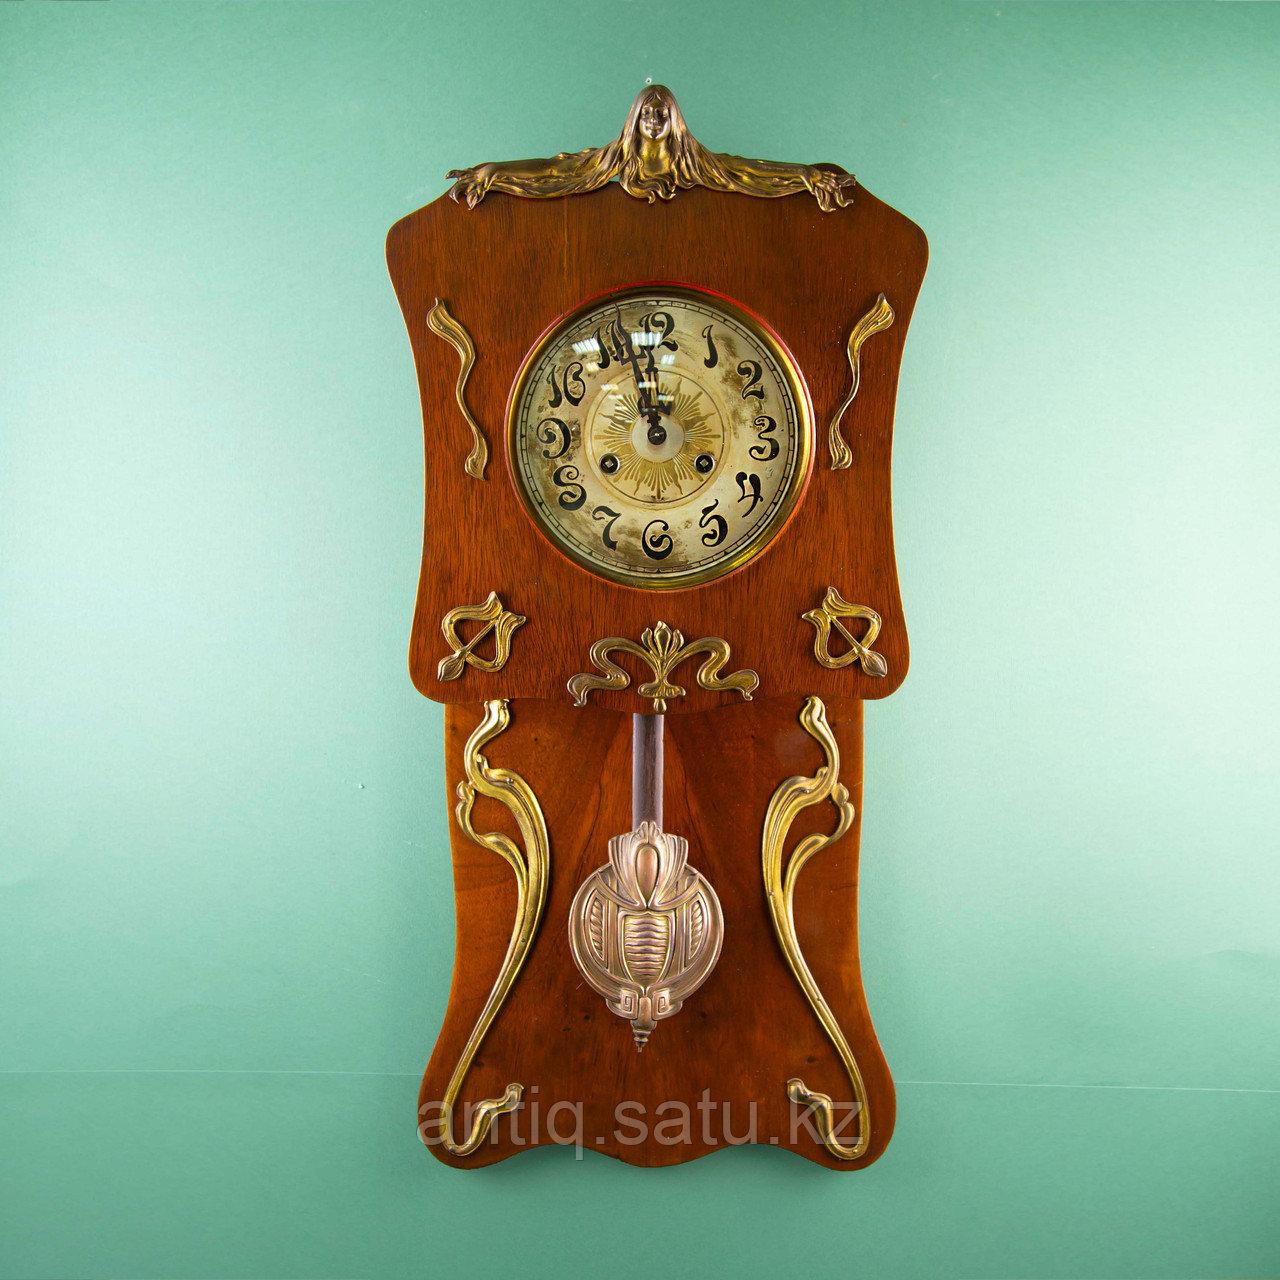 Редкие часы в стиле Ар Нуво. Часовая мастерская Junghans Германия. 1920-1930 годы. - фото 1